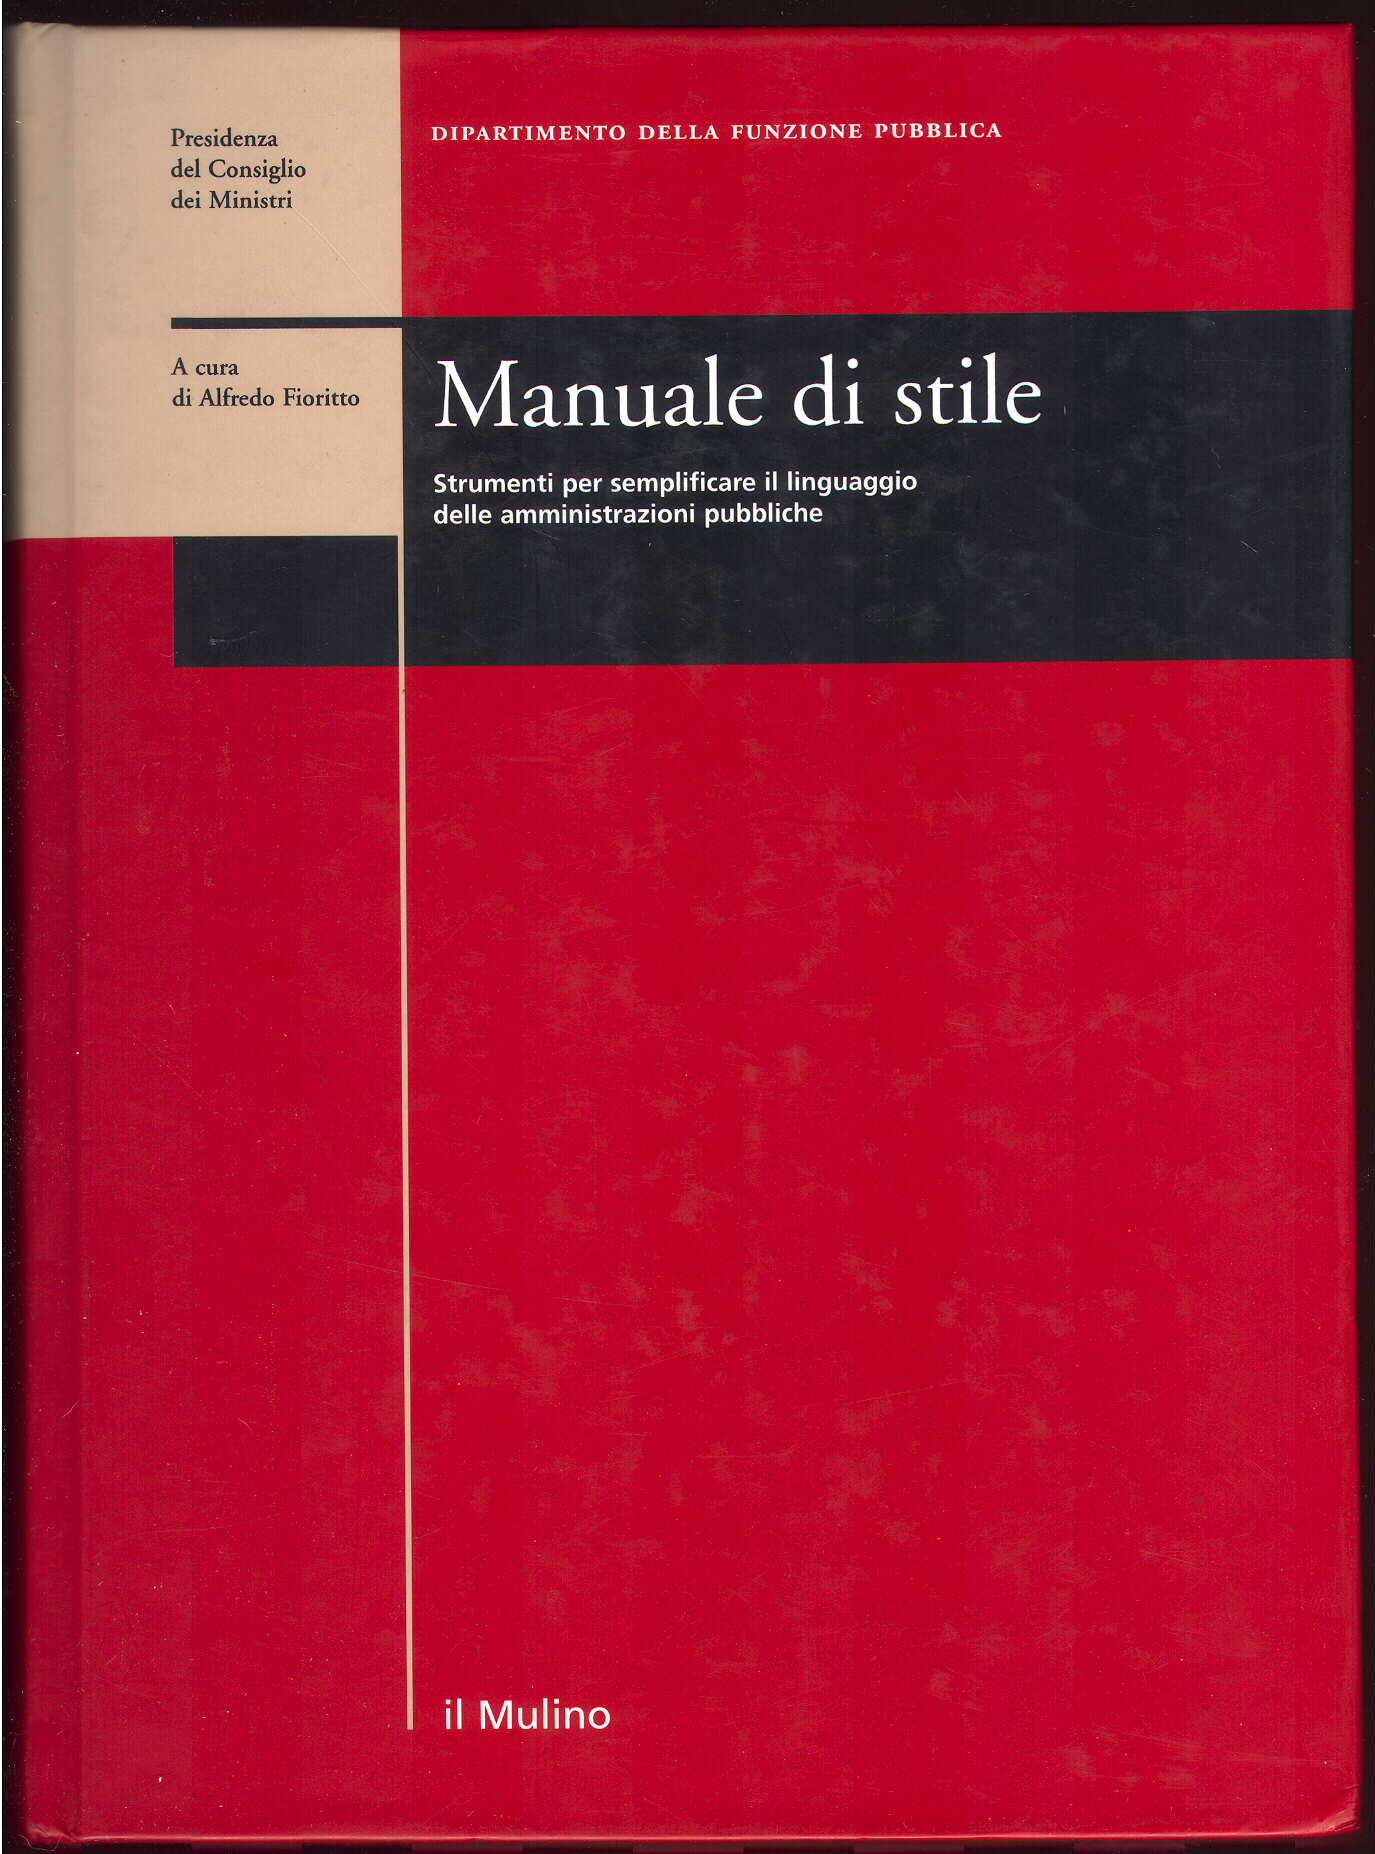 Manuale di stile